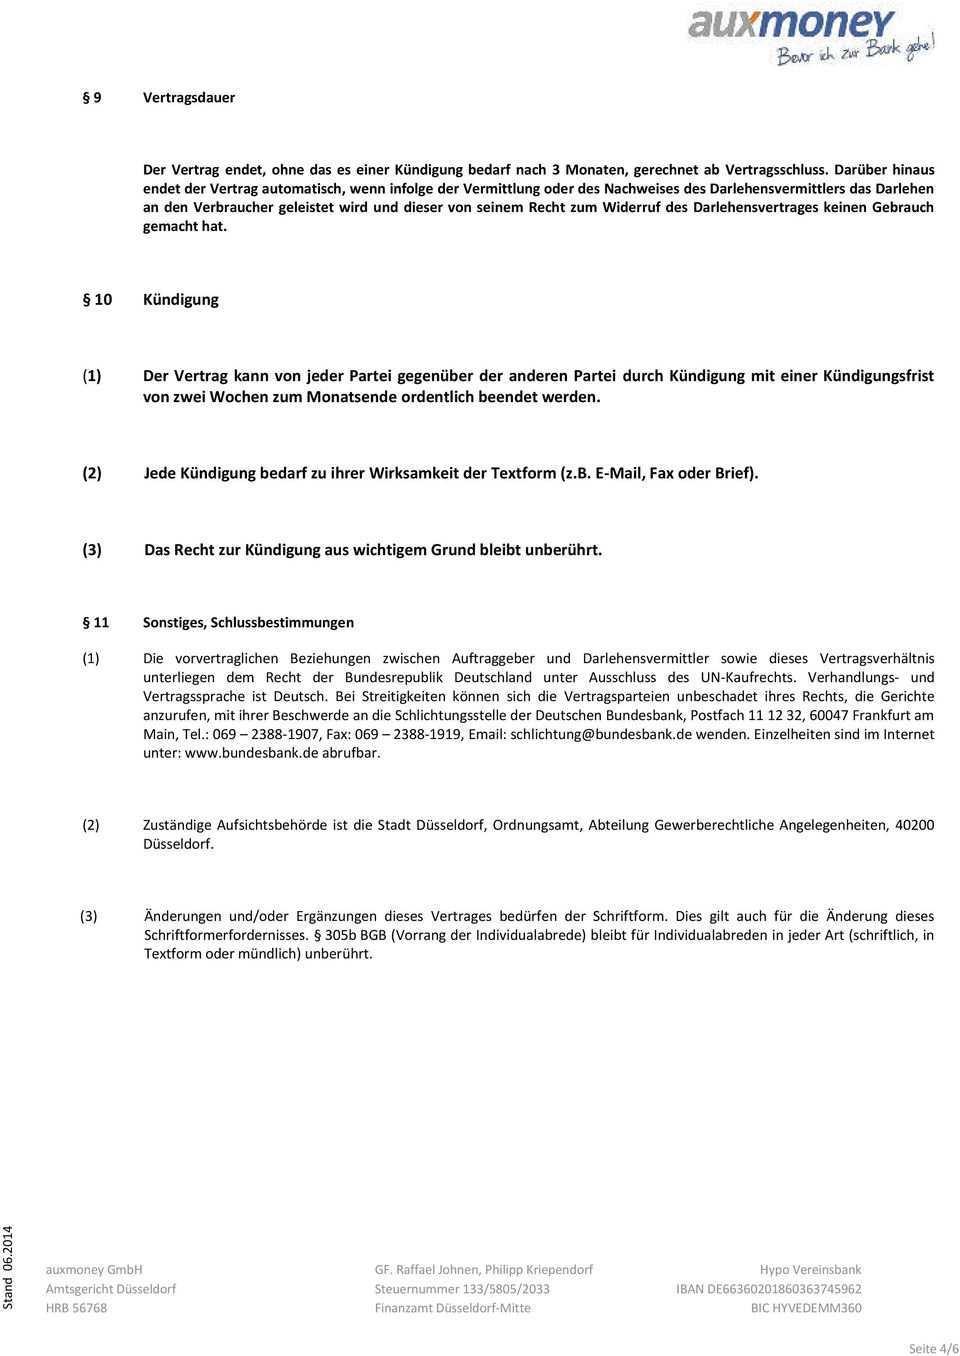 Muster Darlehensvermittlungsvertrag Kfz Pdf Kostenfreier Download